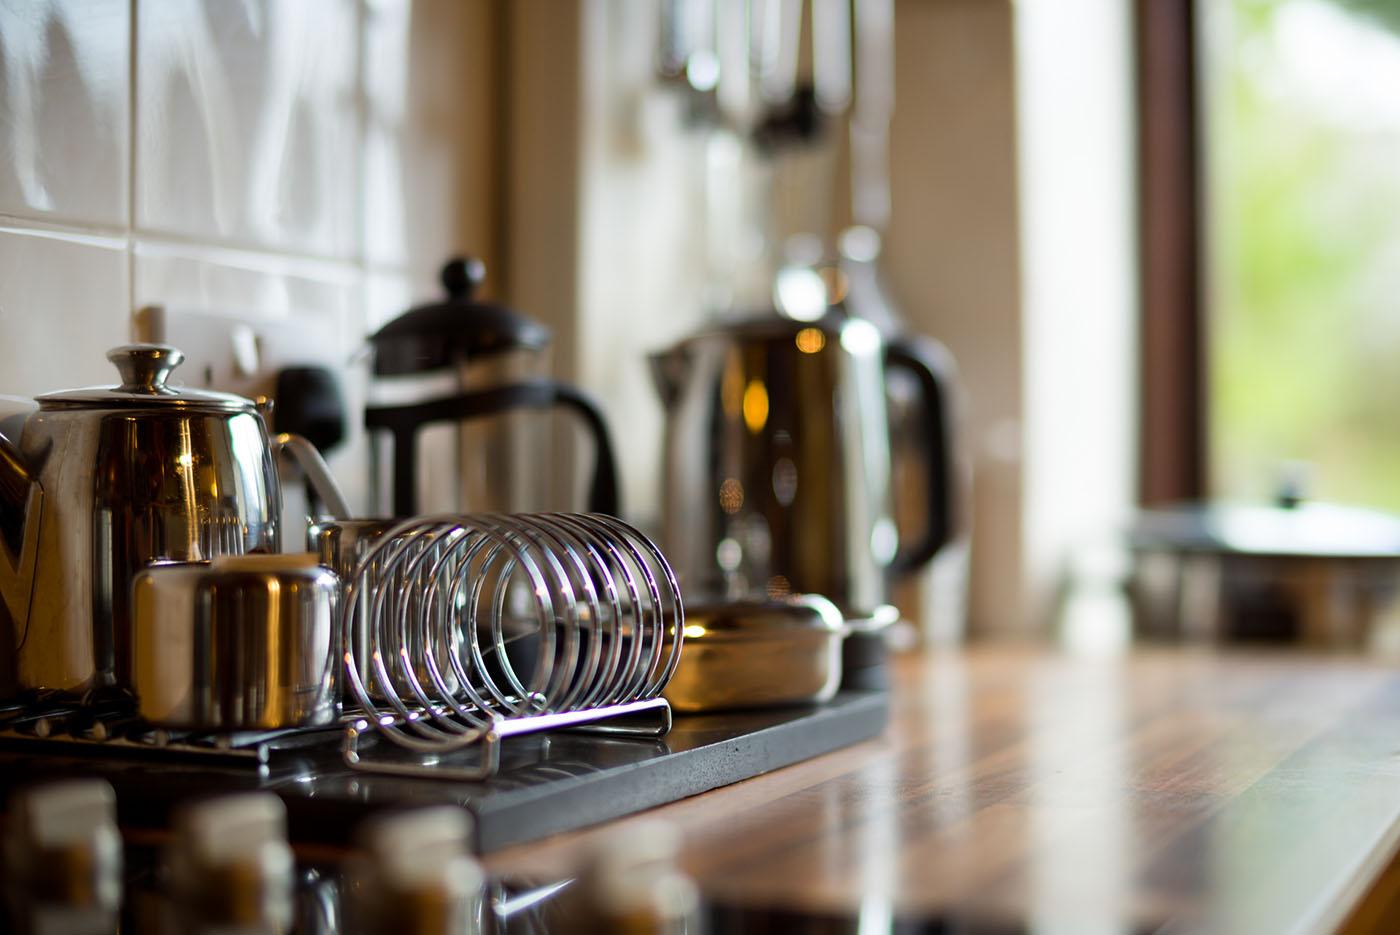 Mill wheel kitchen accessories